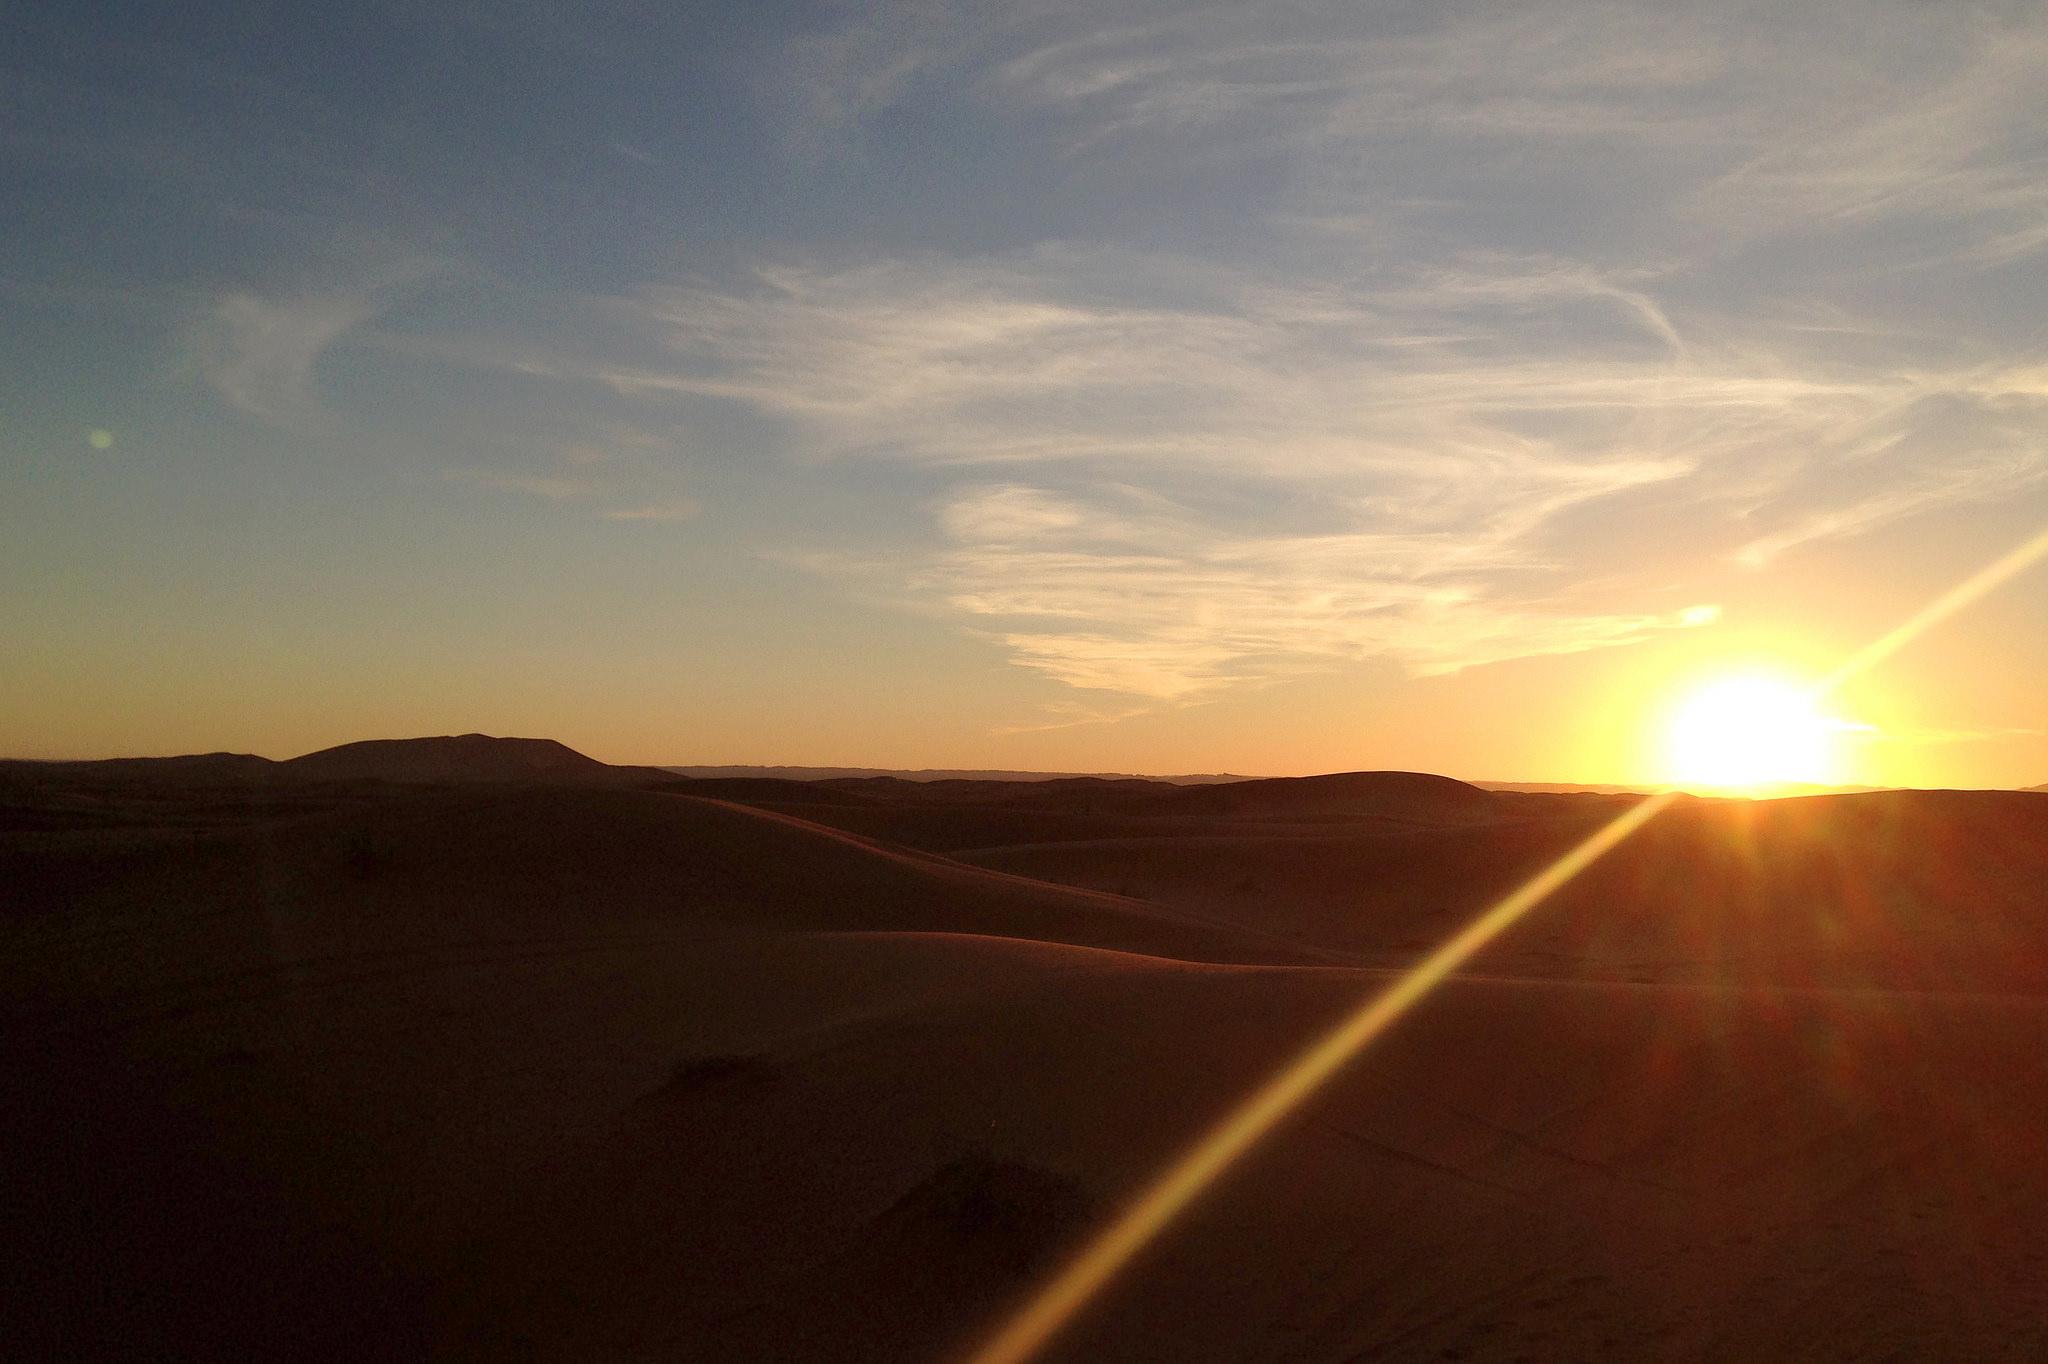 camping-sahara-desert-erg-chebbi-sand-dunes-morocco-sunrise